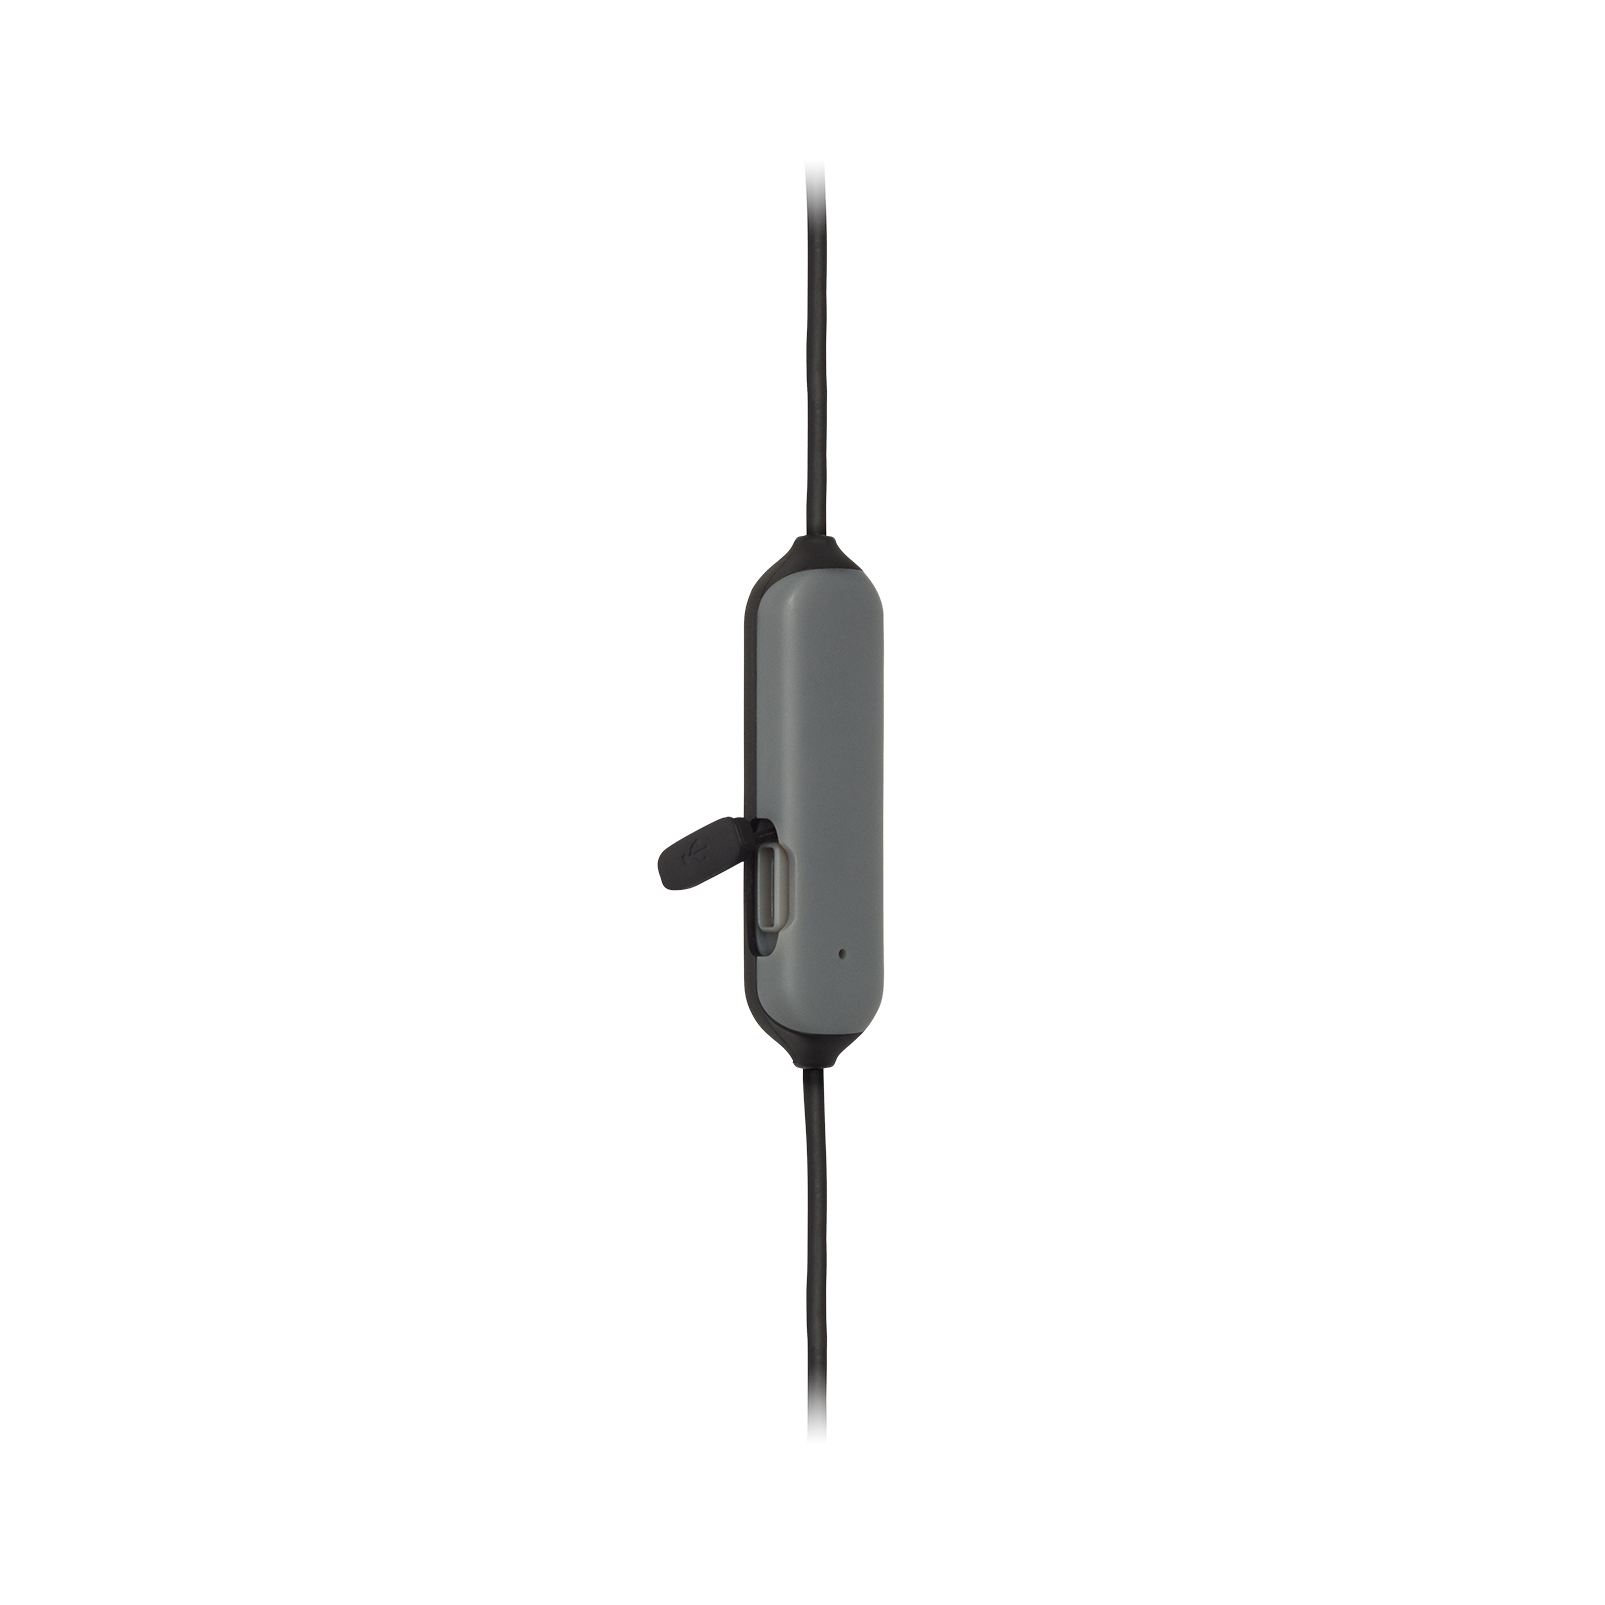 JBL Endurance RUNBT - Black - Sweatproof Wireless In-Ear Sport Headphones - Detailshot 2